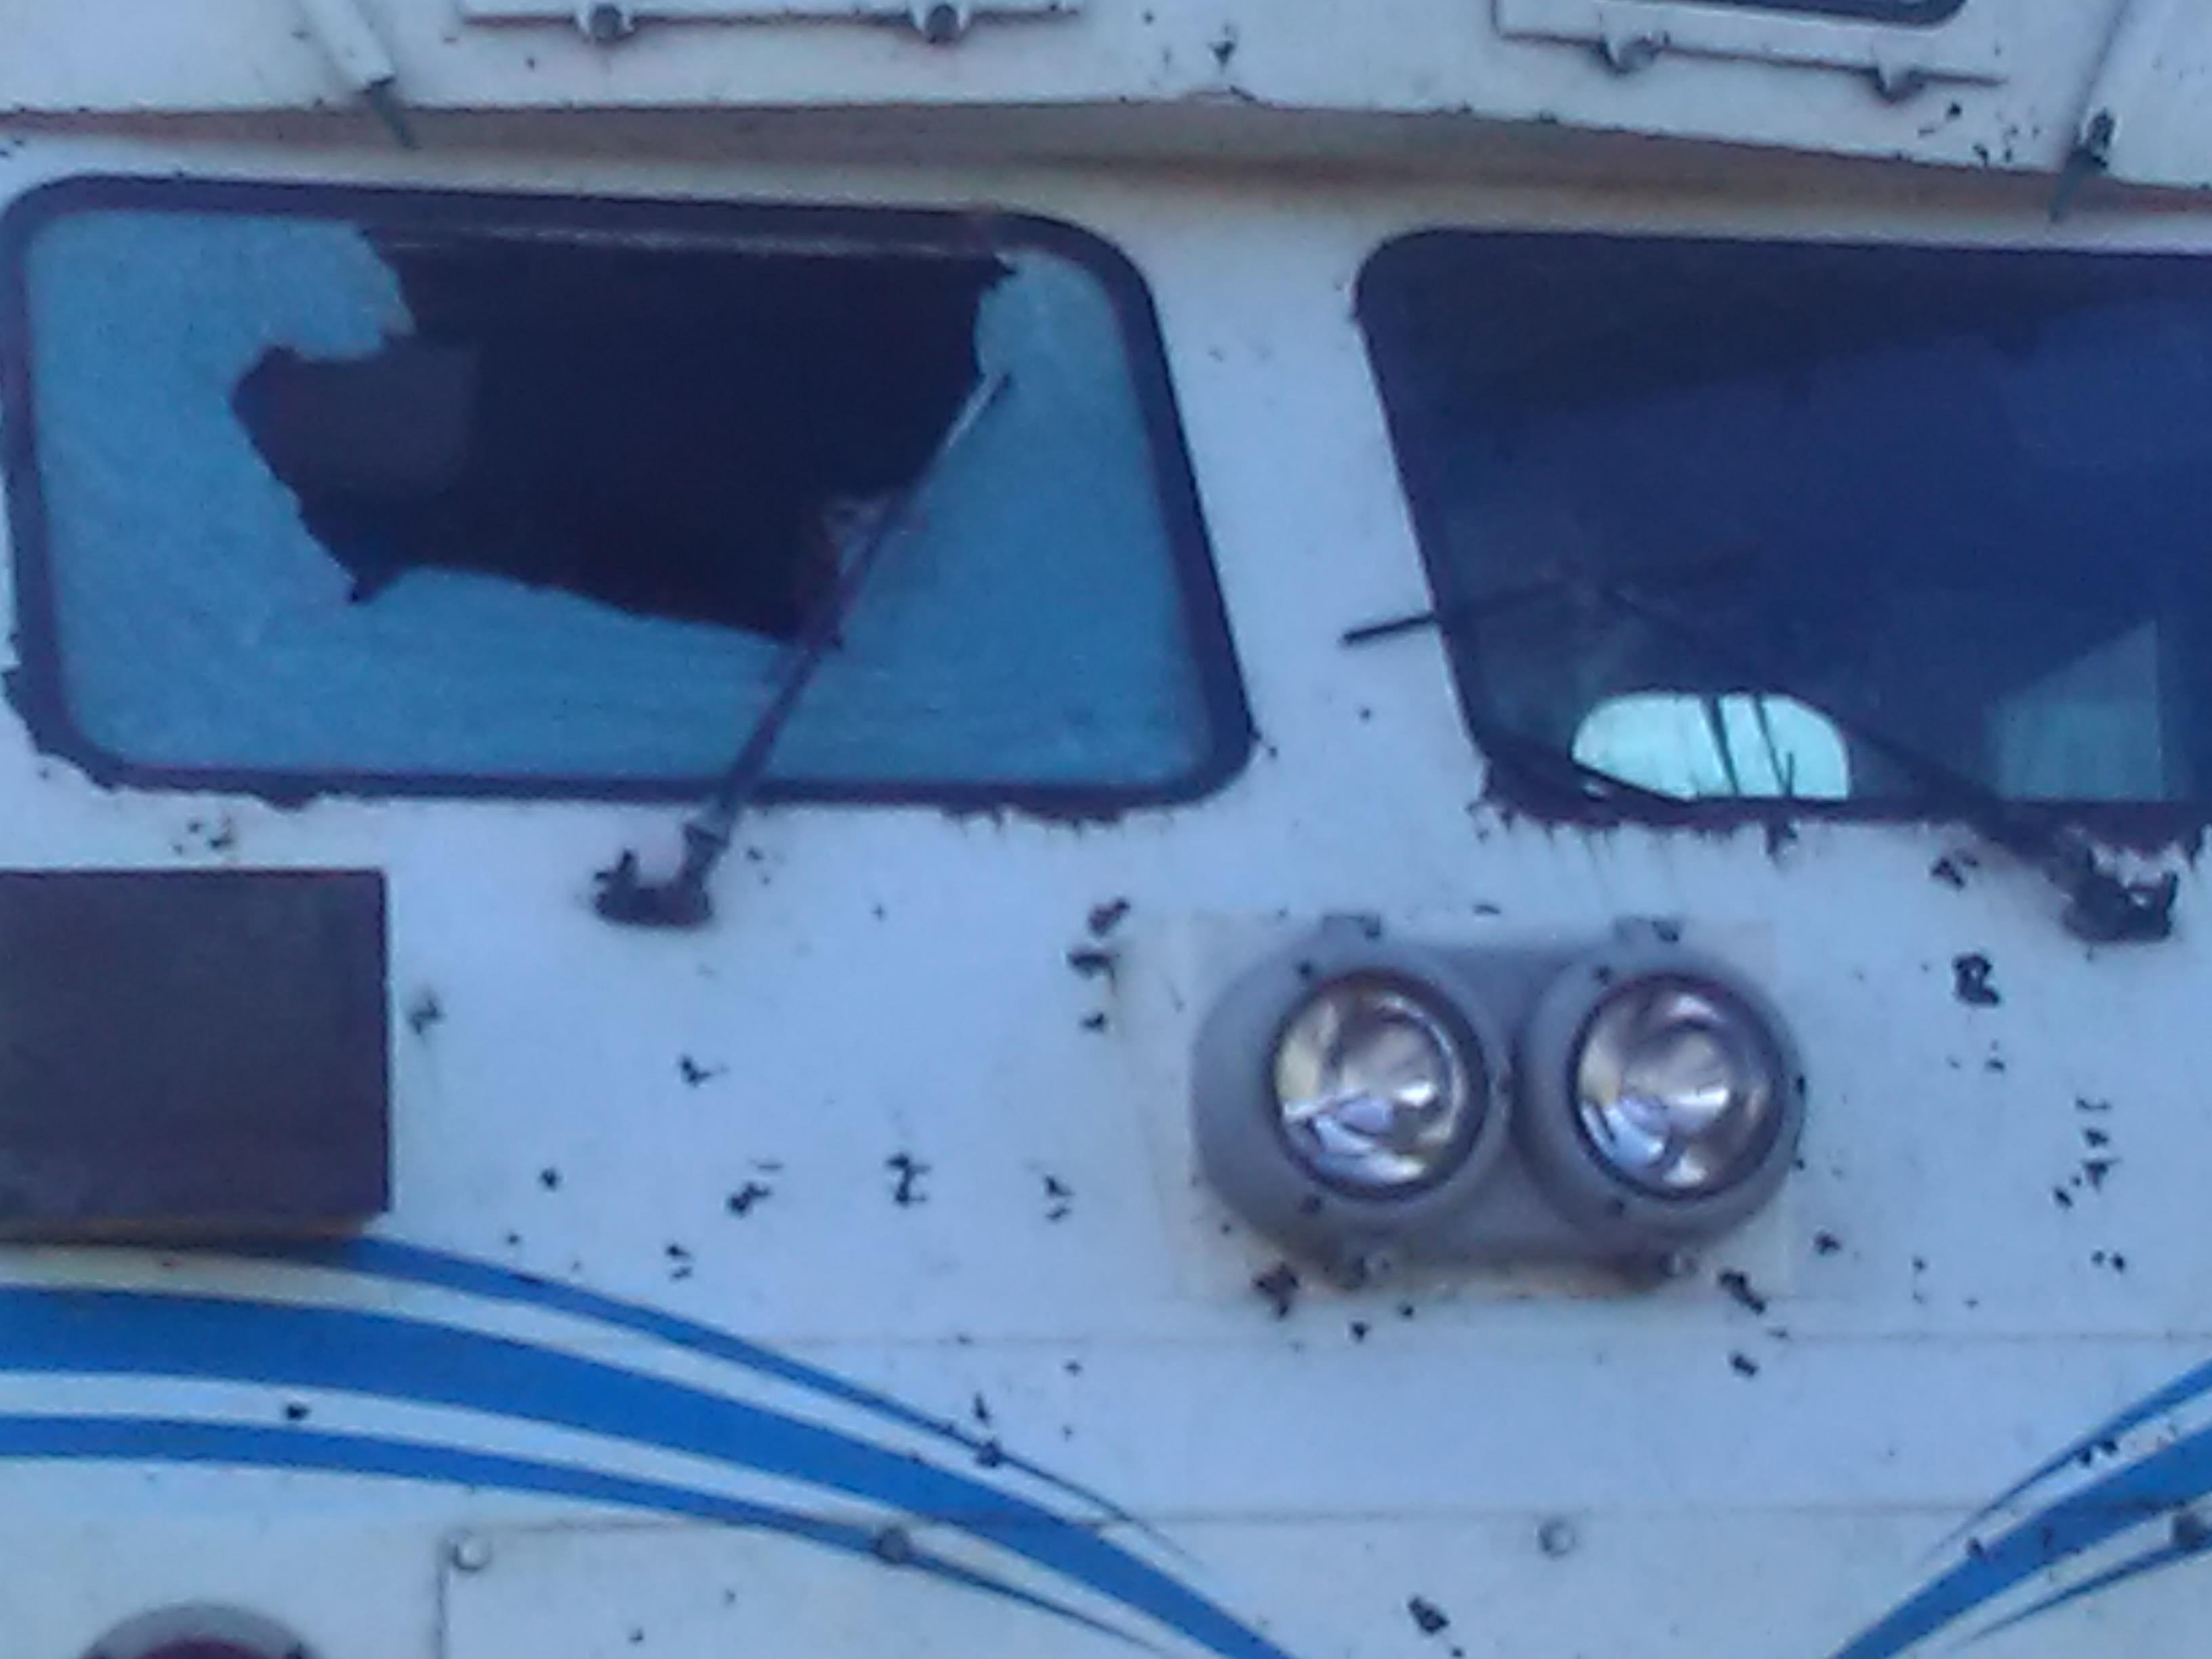 La vitre de la locomotive brisée par les jets de pierres. D. R.